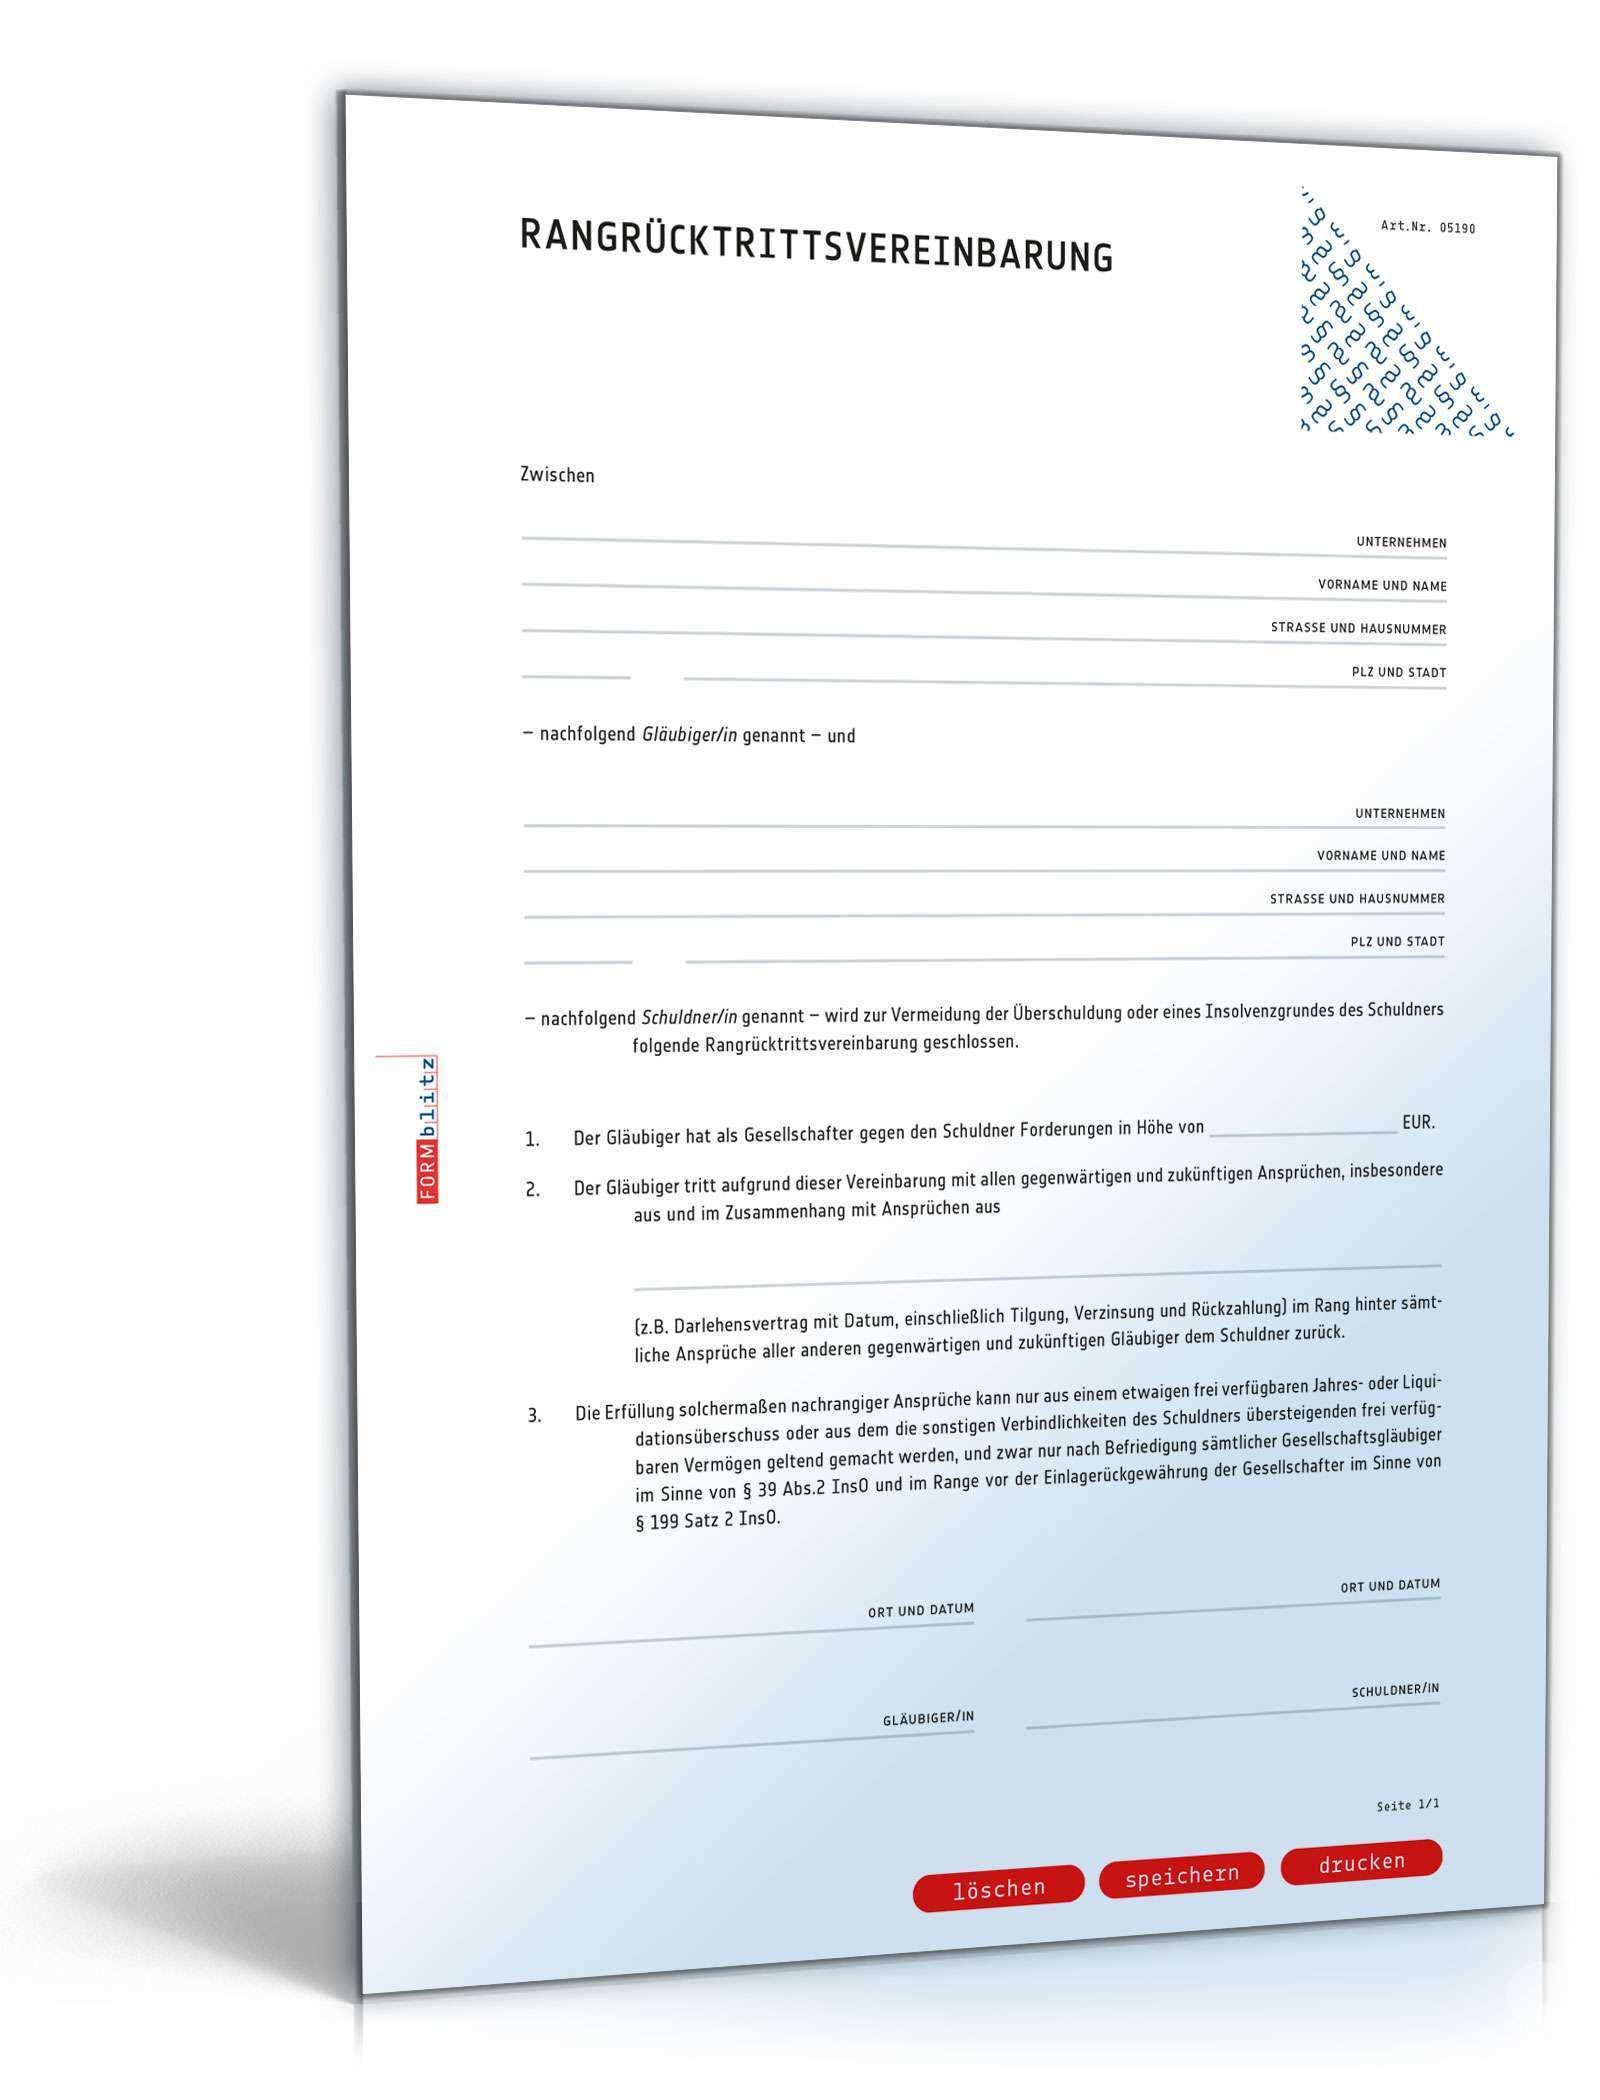 Rangrucktrittsvereinbarung Rechtssichere Vorlage Zum Download